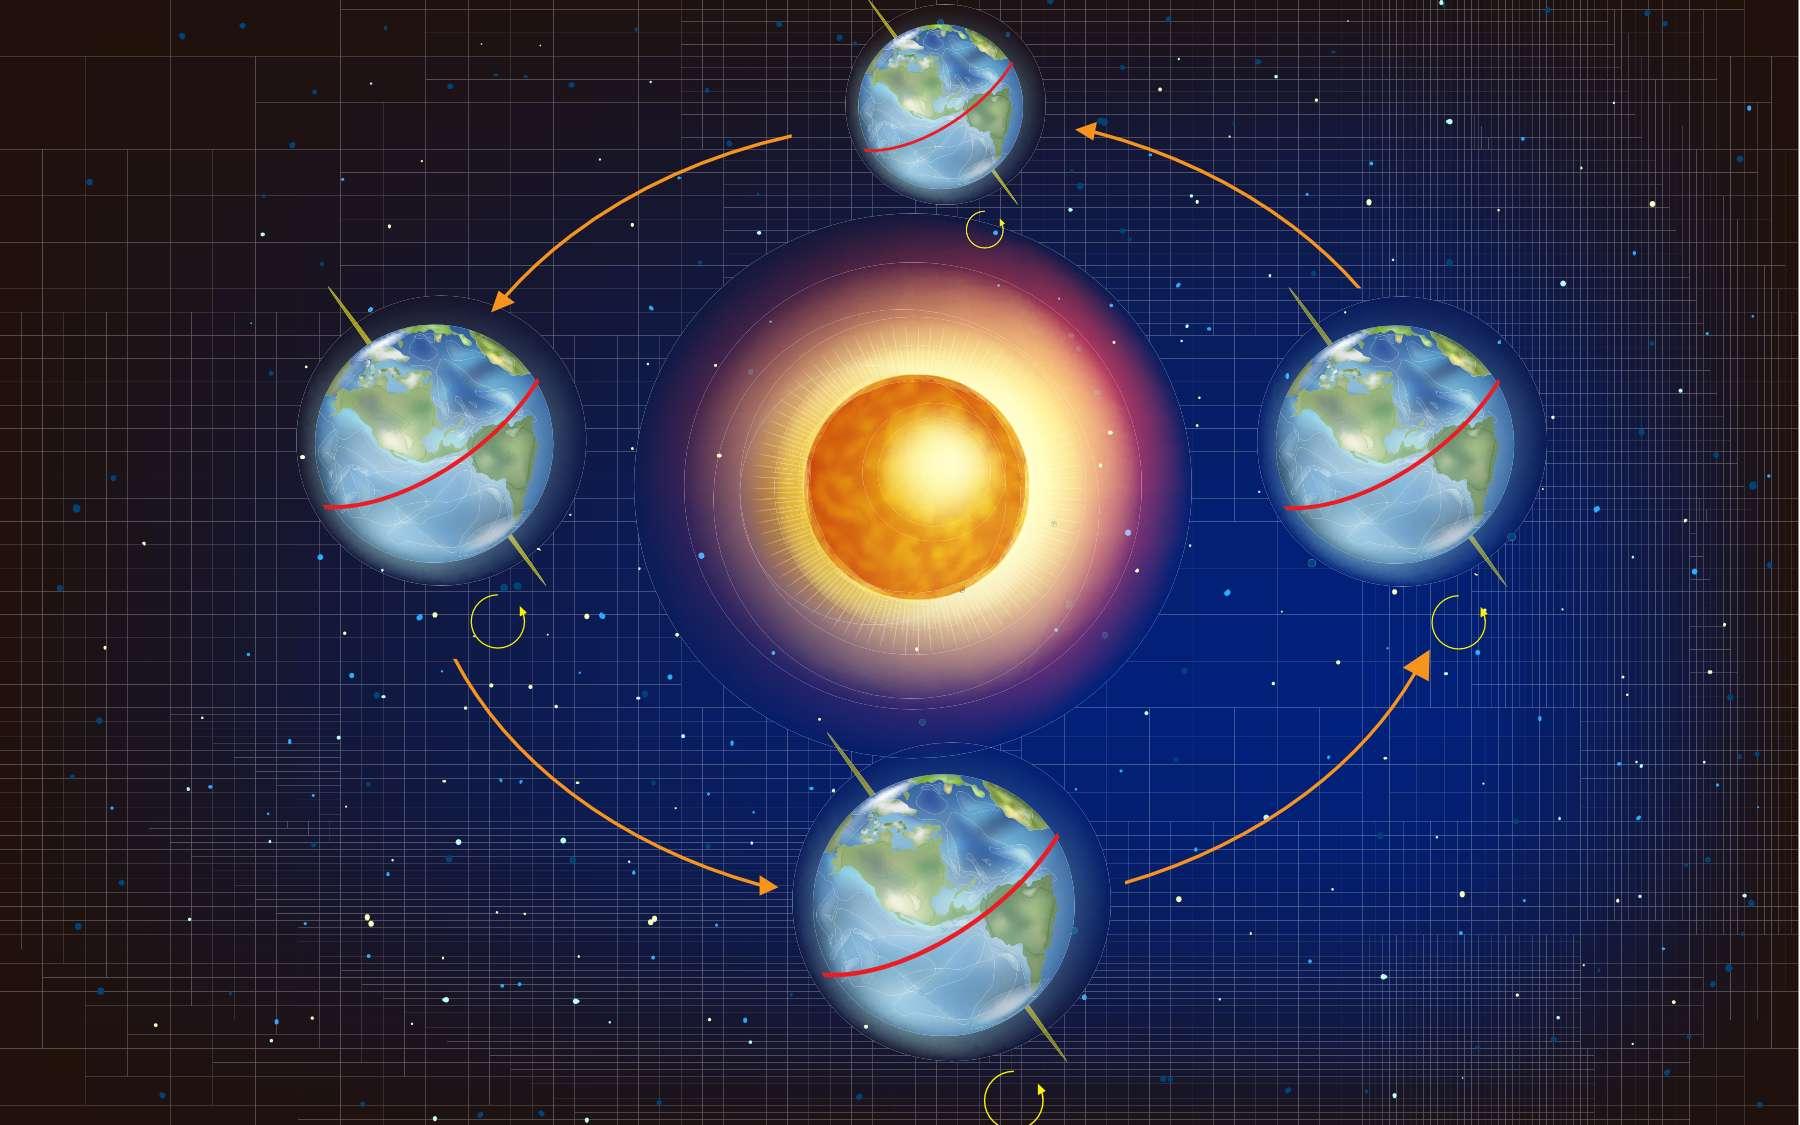 Le périhélie est le point le plus proche de la Terre par rapport au soleil. © sakurra, Adobe Stock